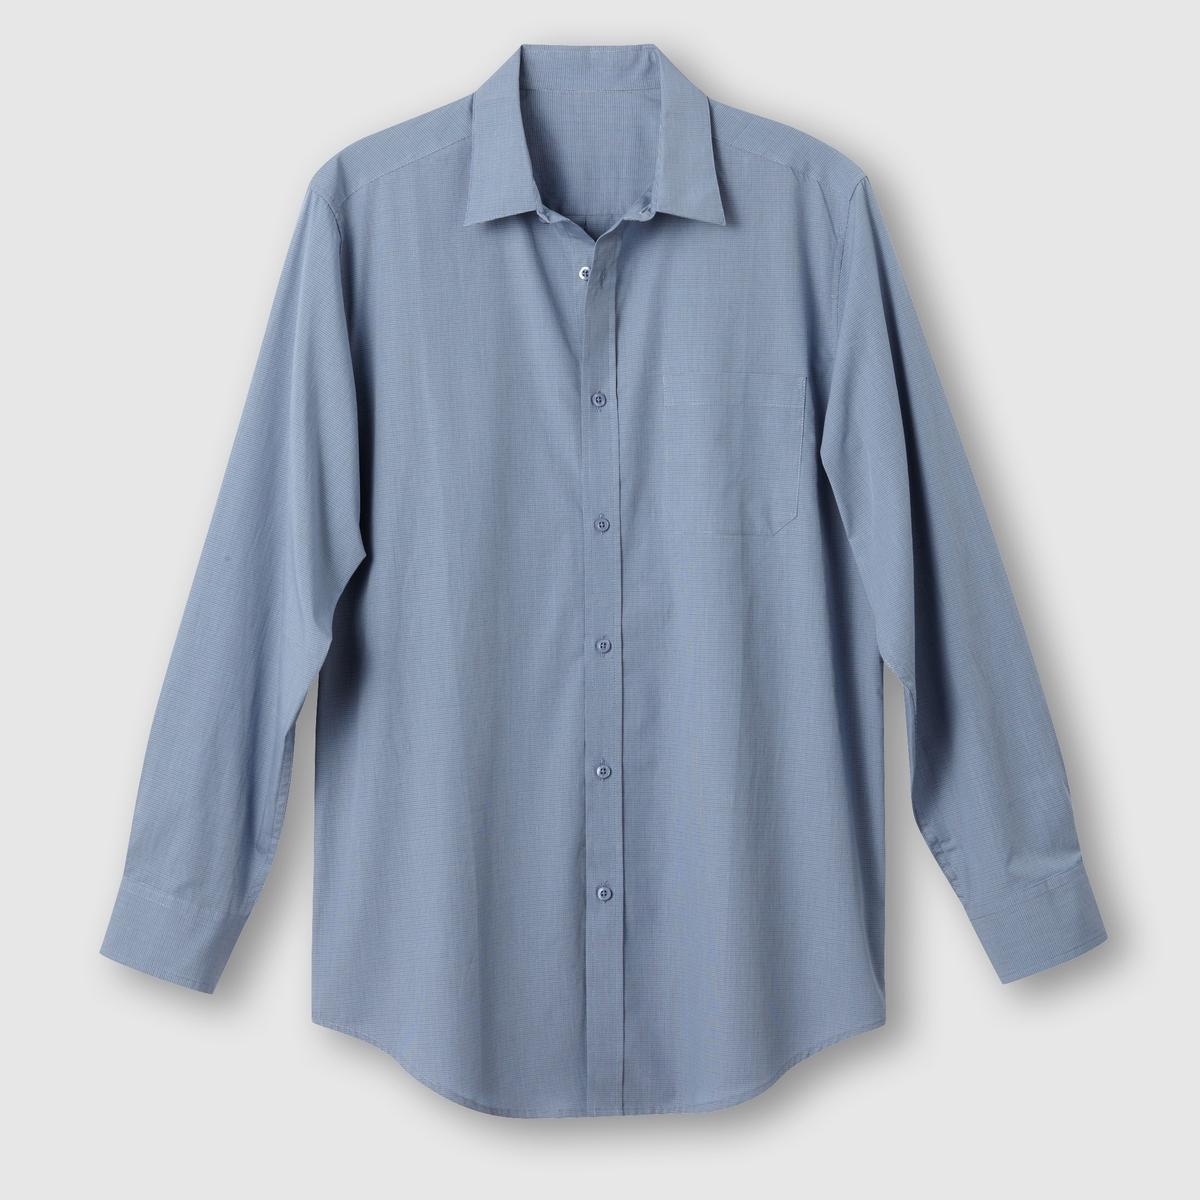 Рубашка из поплина, рост 1 (до 1,76 м)Поплин, 100% хлопок. Рост 1 (при росте до 1,76 м) :  длина рубашки 83 см, длина рукава 62 см. Есть модели на рост 2 и 3.<br><br>Цвет: в клетку серый/синий,в полоску бордовый/белый